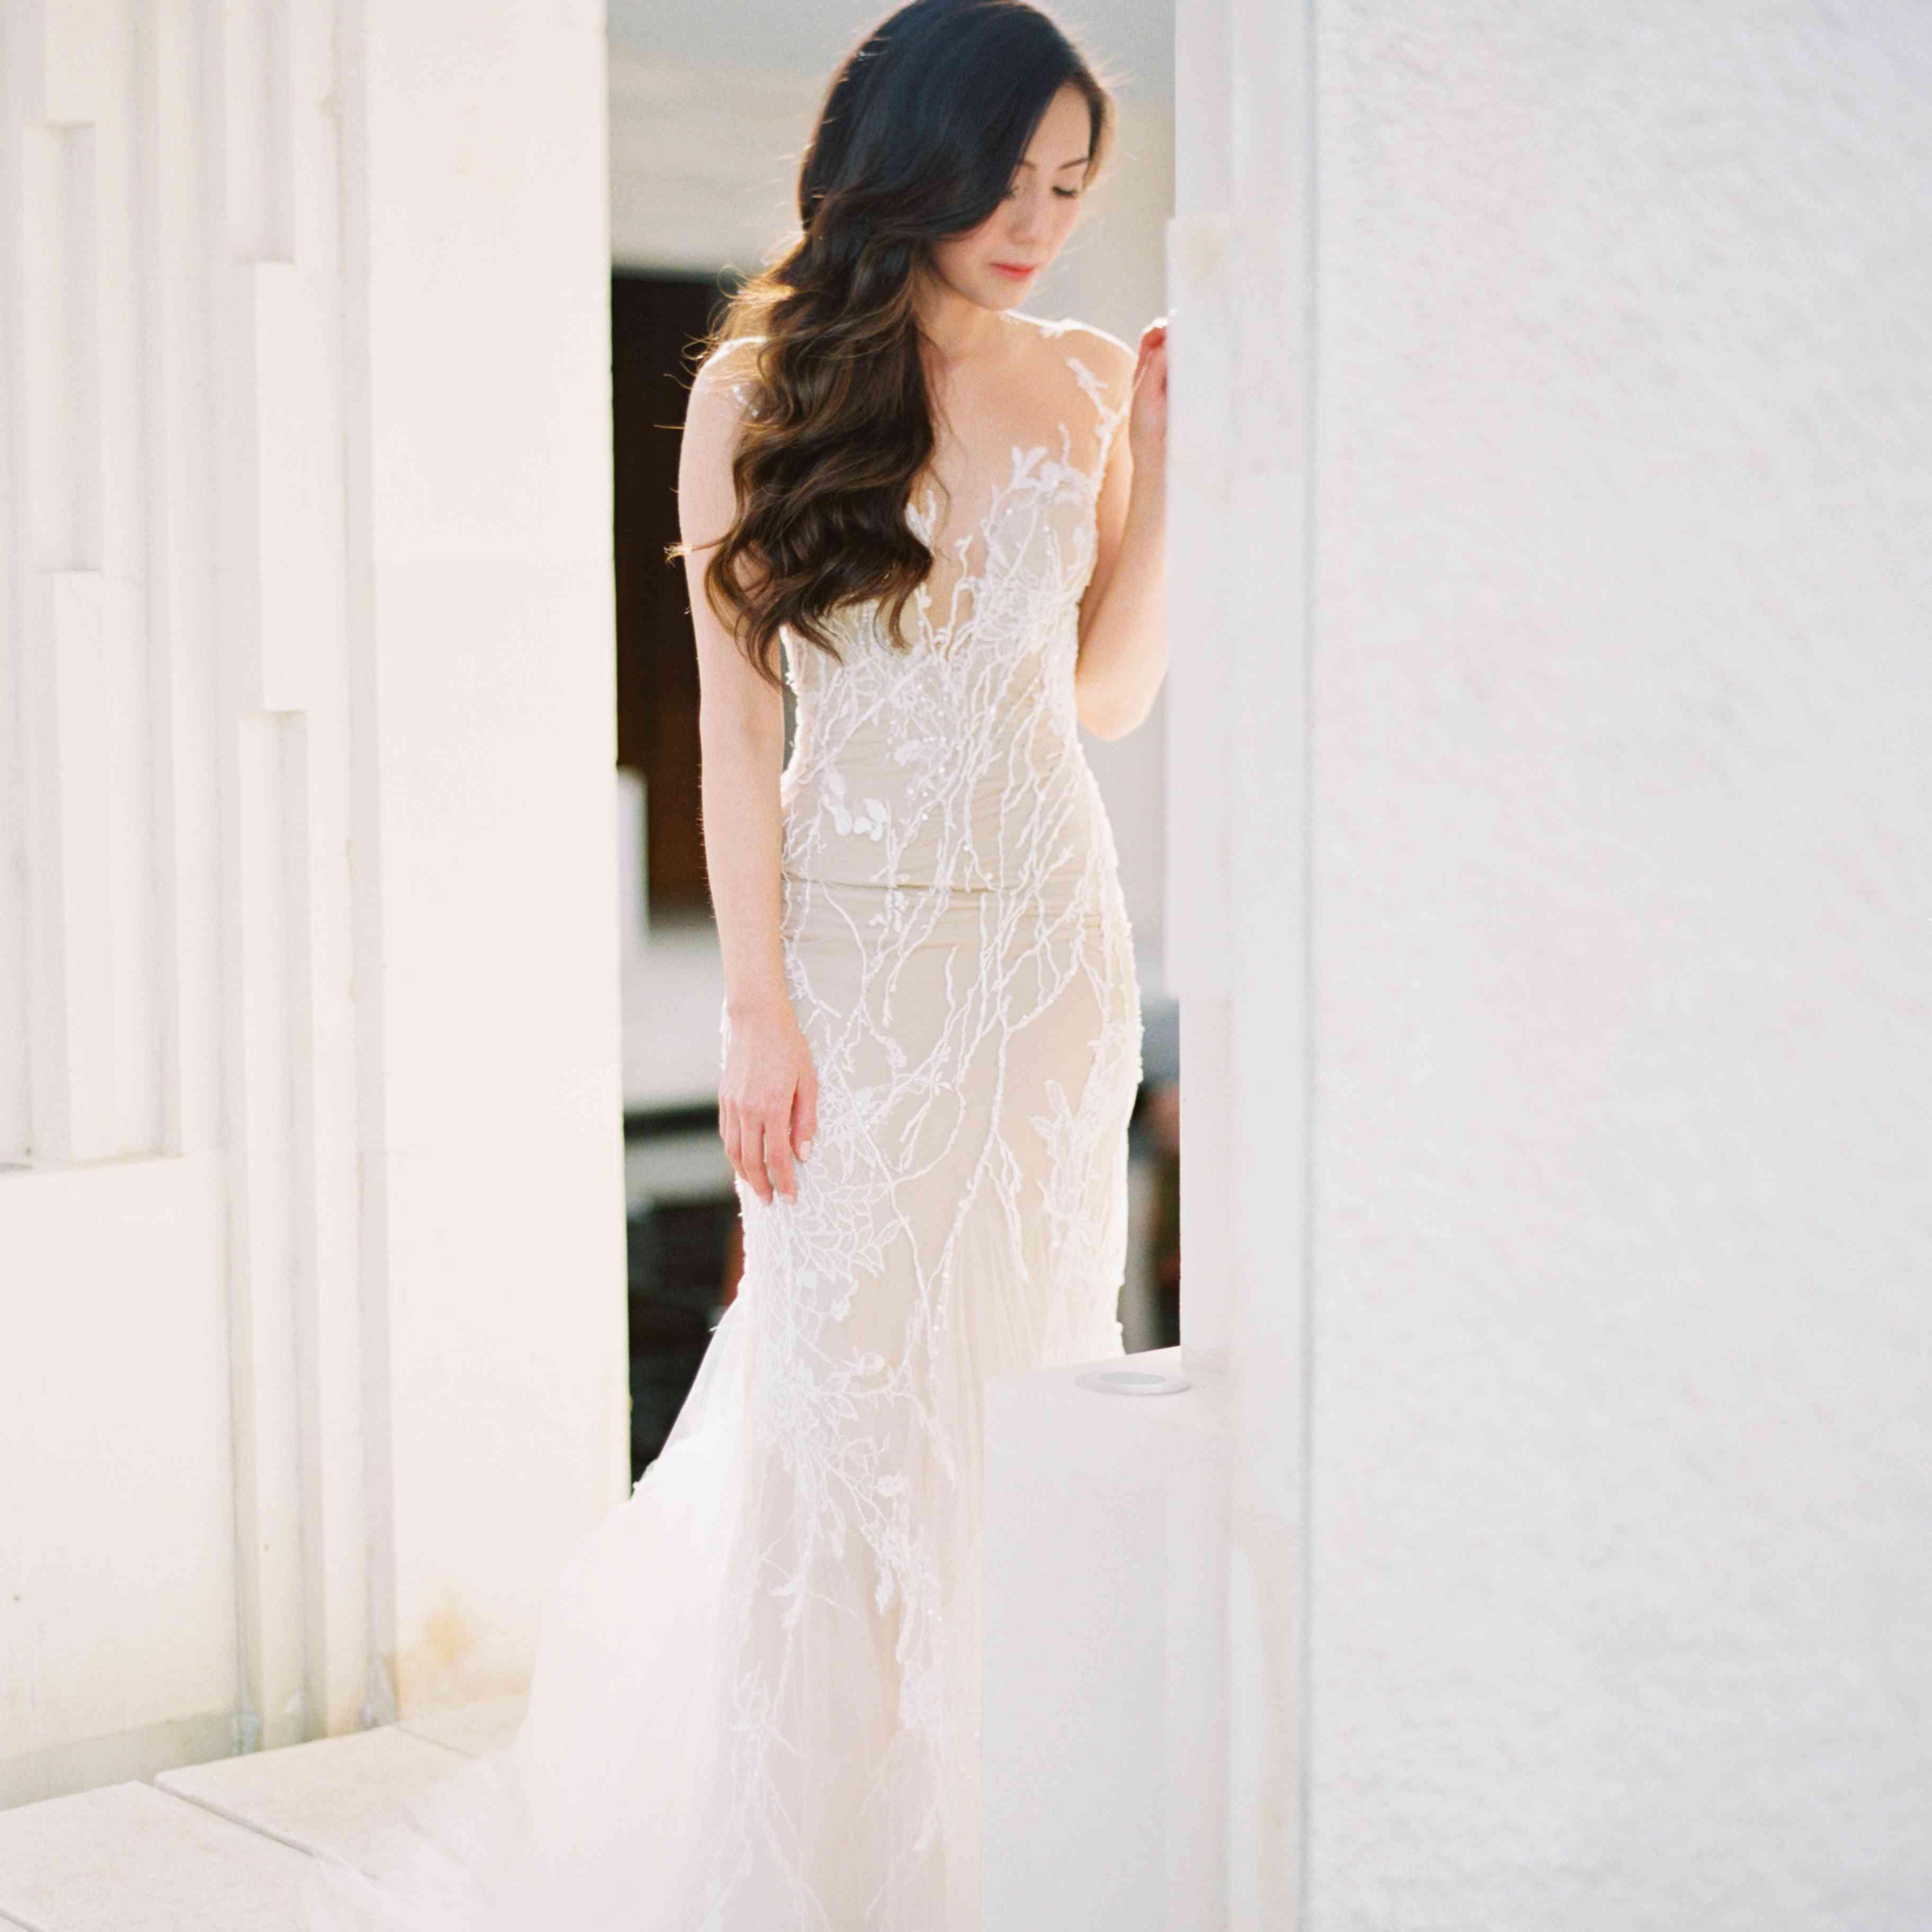 Bridal portrait with soft romantic waves